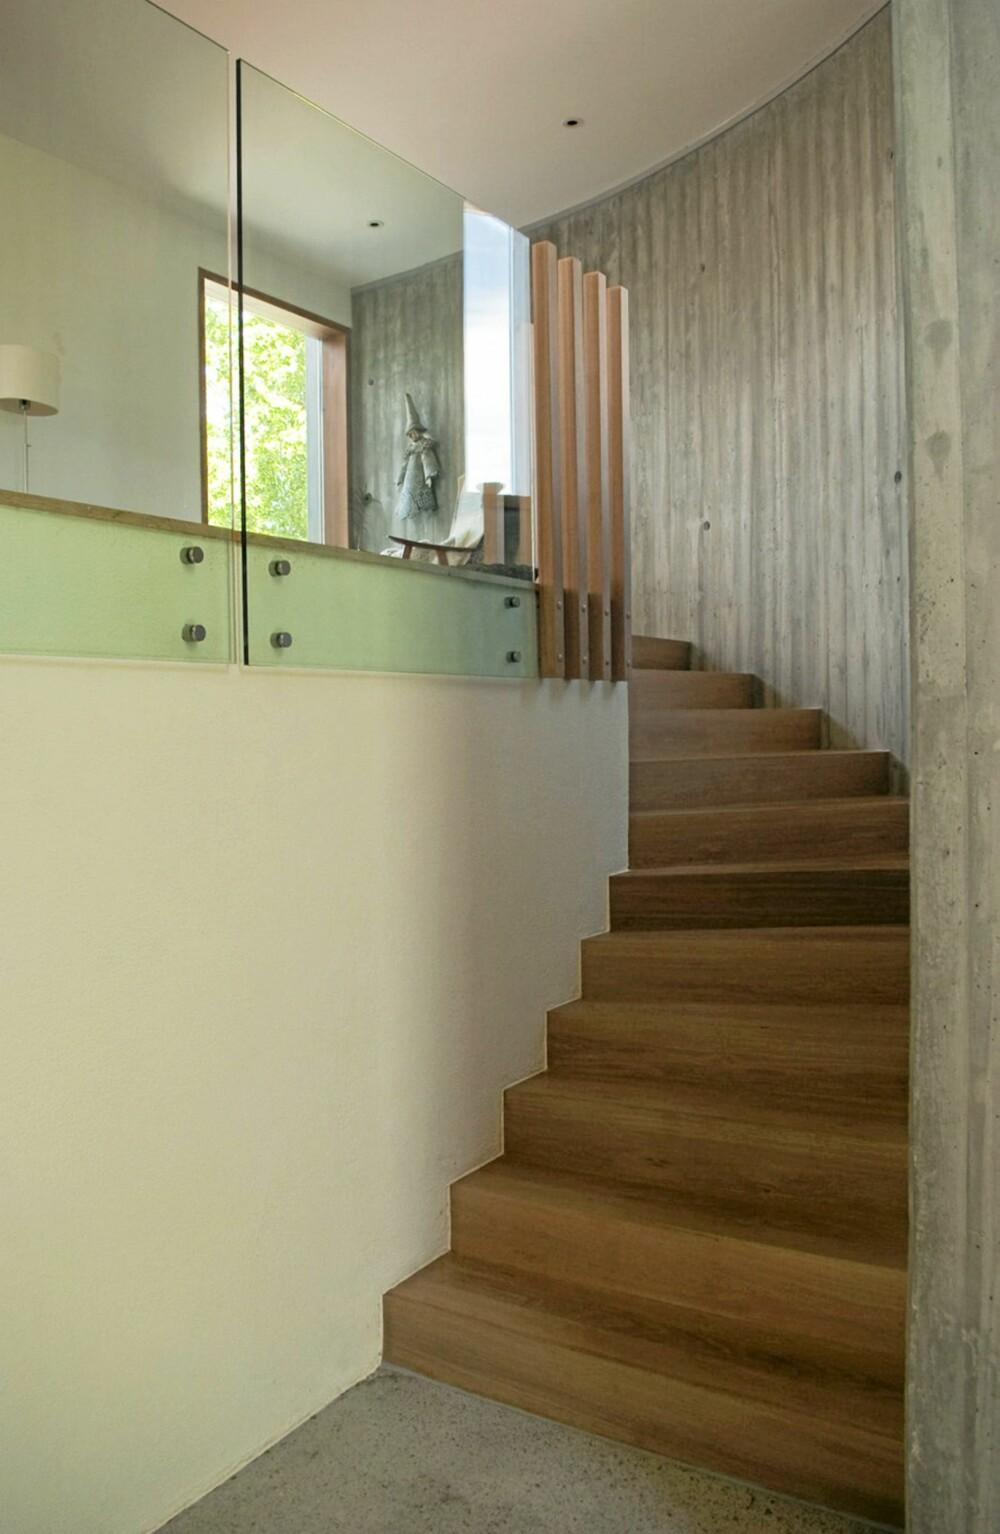 OPPTRAPPING. Trappen fører fra første til andre etasje. Rekkverket er av glass og trespiler.